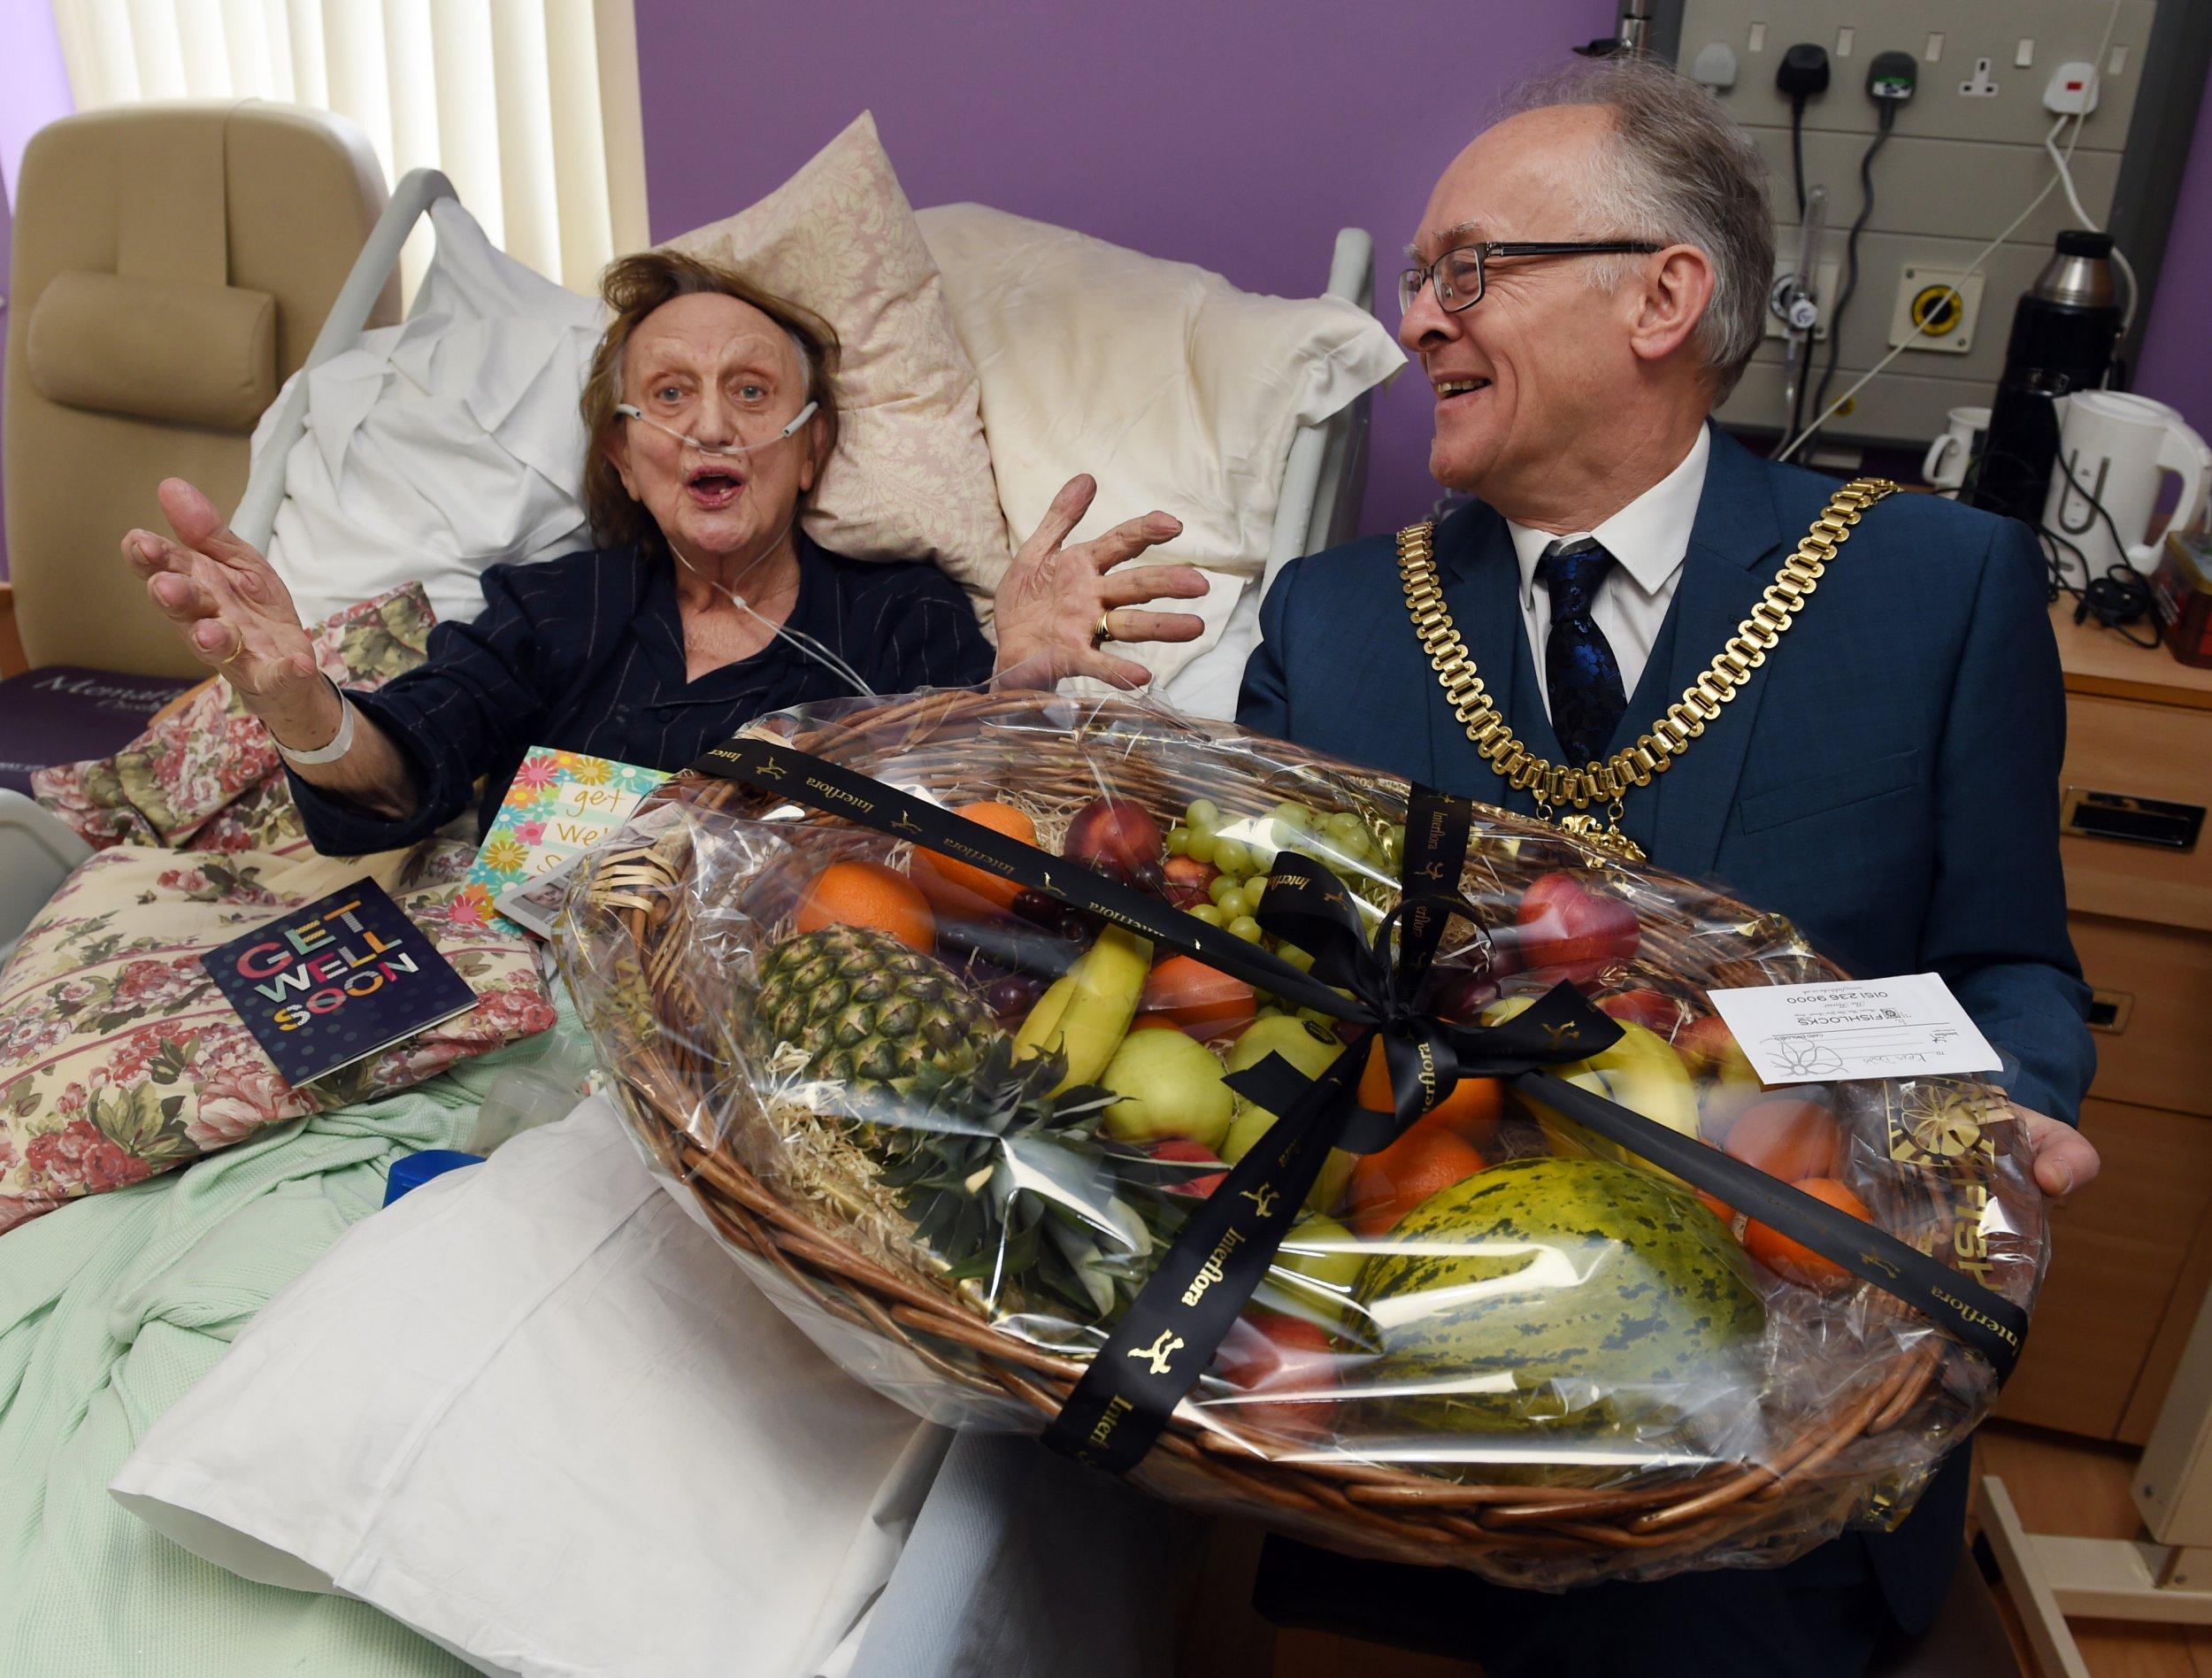 Ken Dodd visited by mayor in hospital